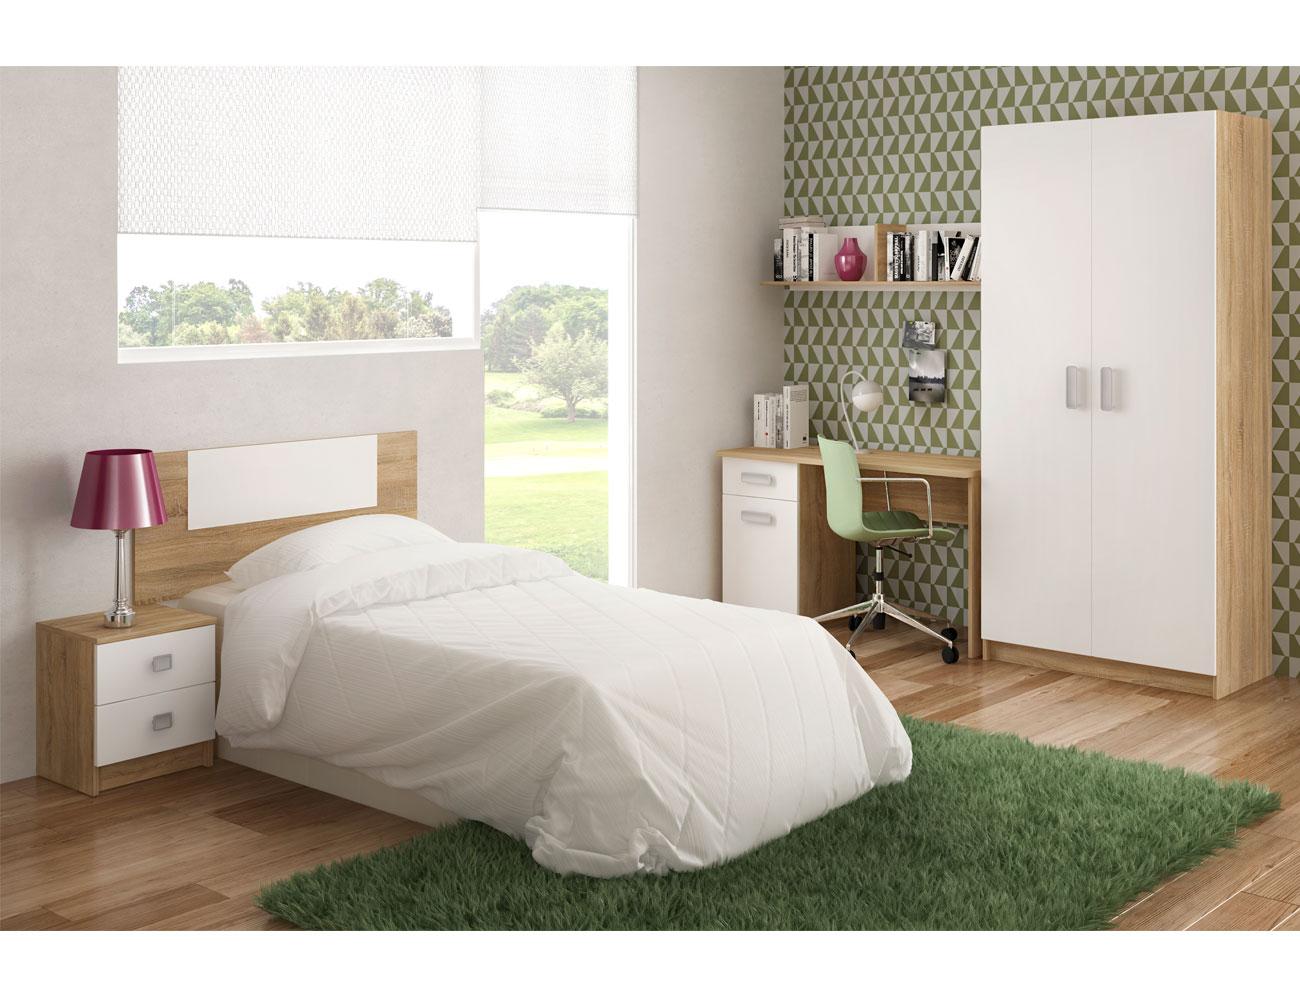 Dormitorio juvenil con mesita de noche y con mesa de - Estantes dormitorio juvenil ...